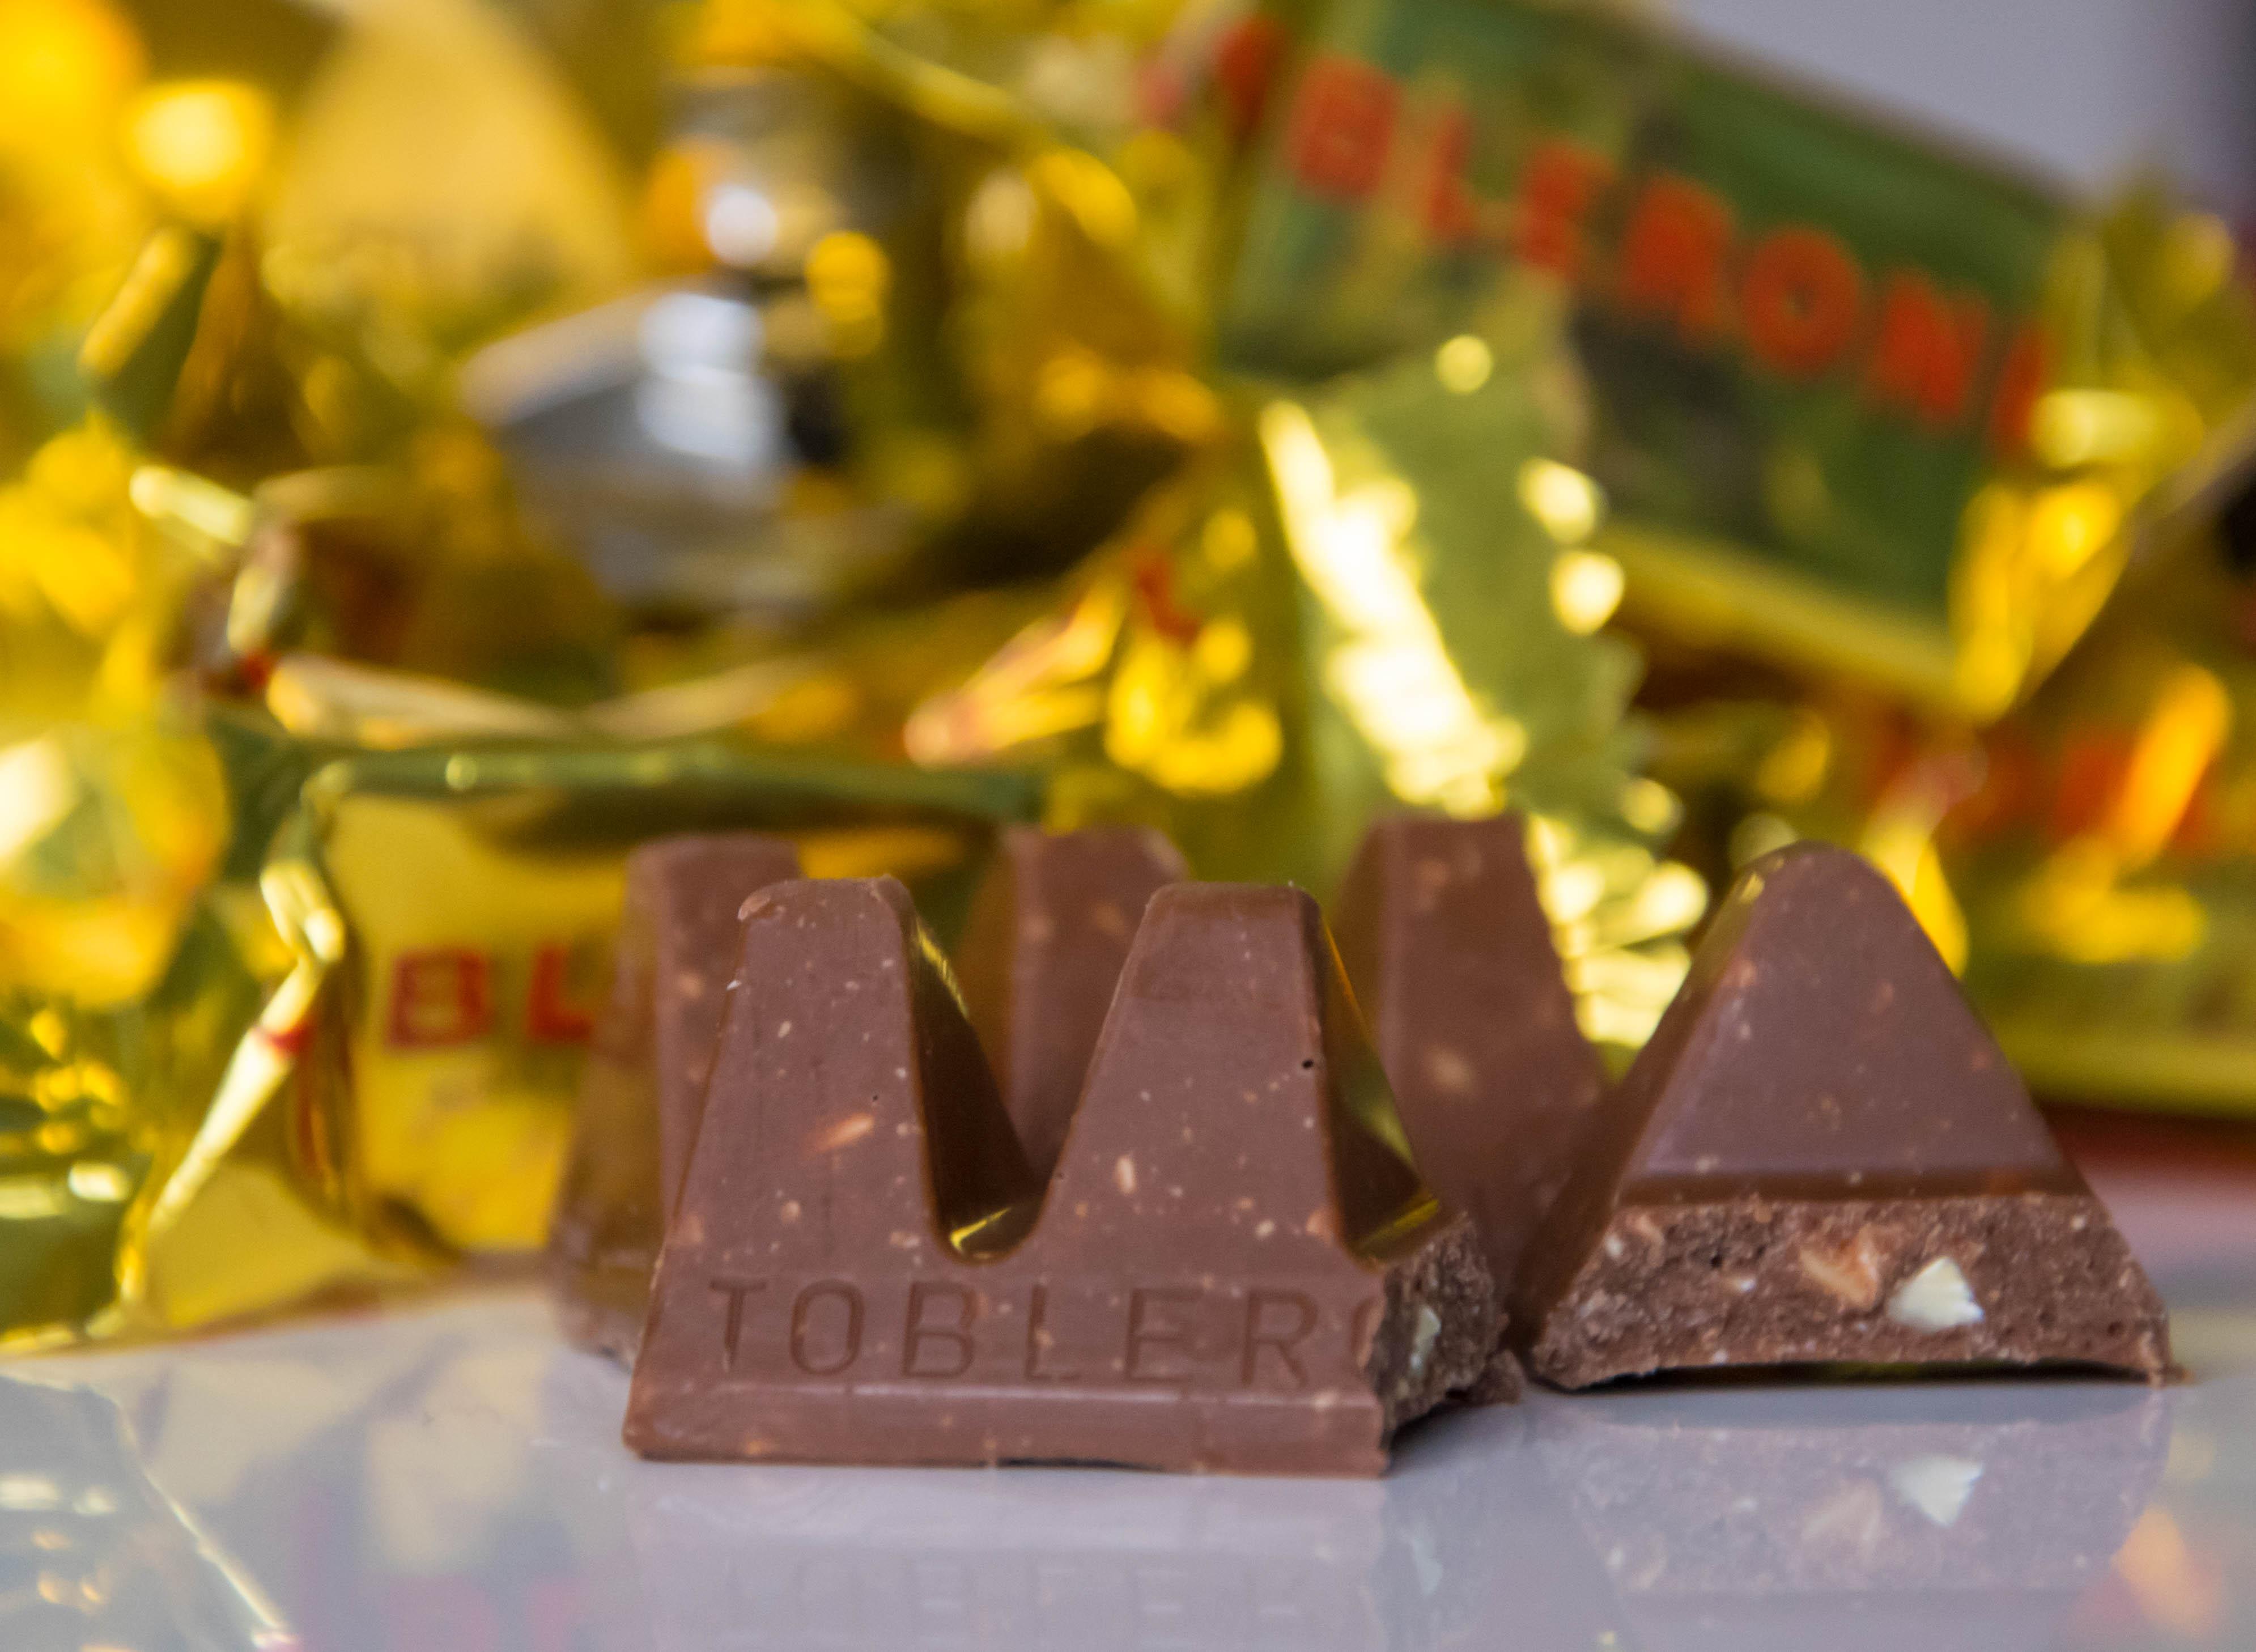 конфеты тоблерон картинки популярная зернобобовая культура